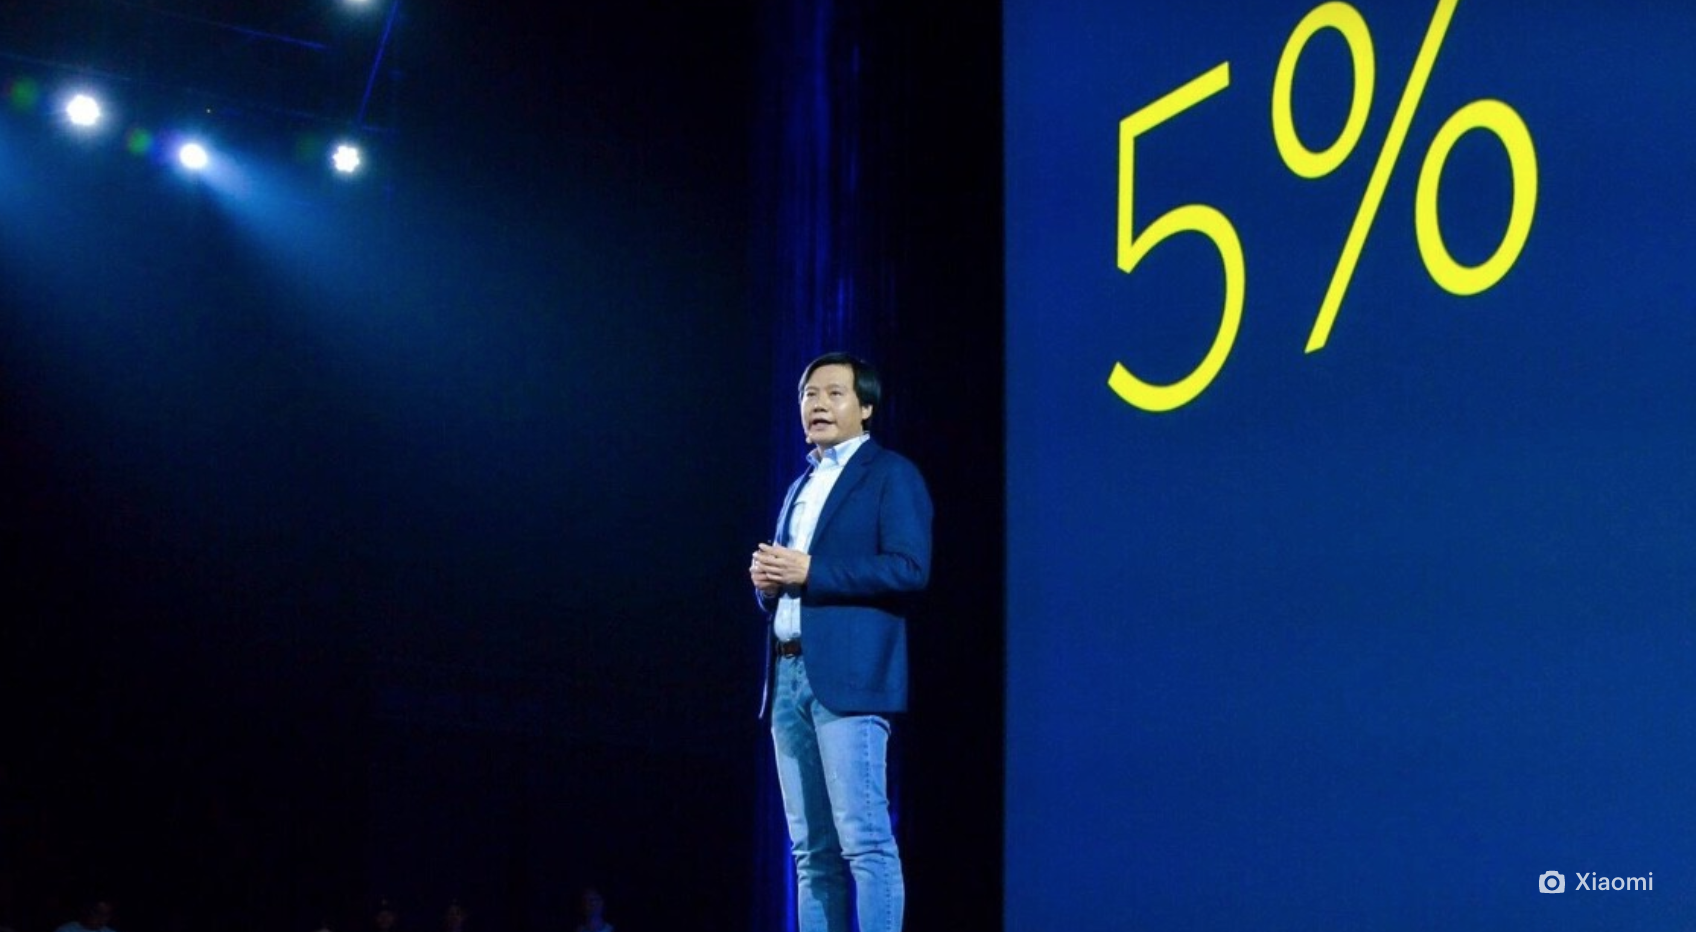 Nhà sáng lập Lei Jun bất ngờ từ chức chủ tịch Xiaomi vì kinh doanh yếu kém - 1